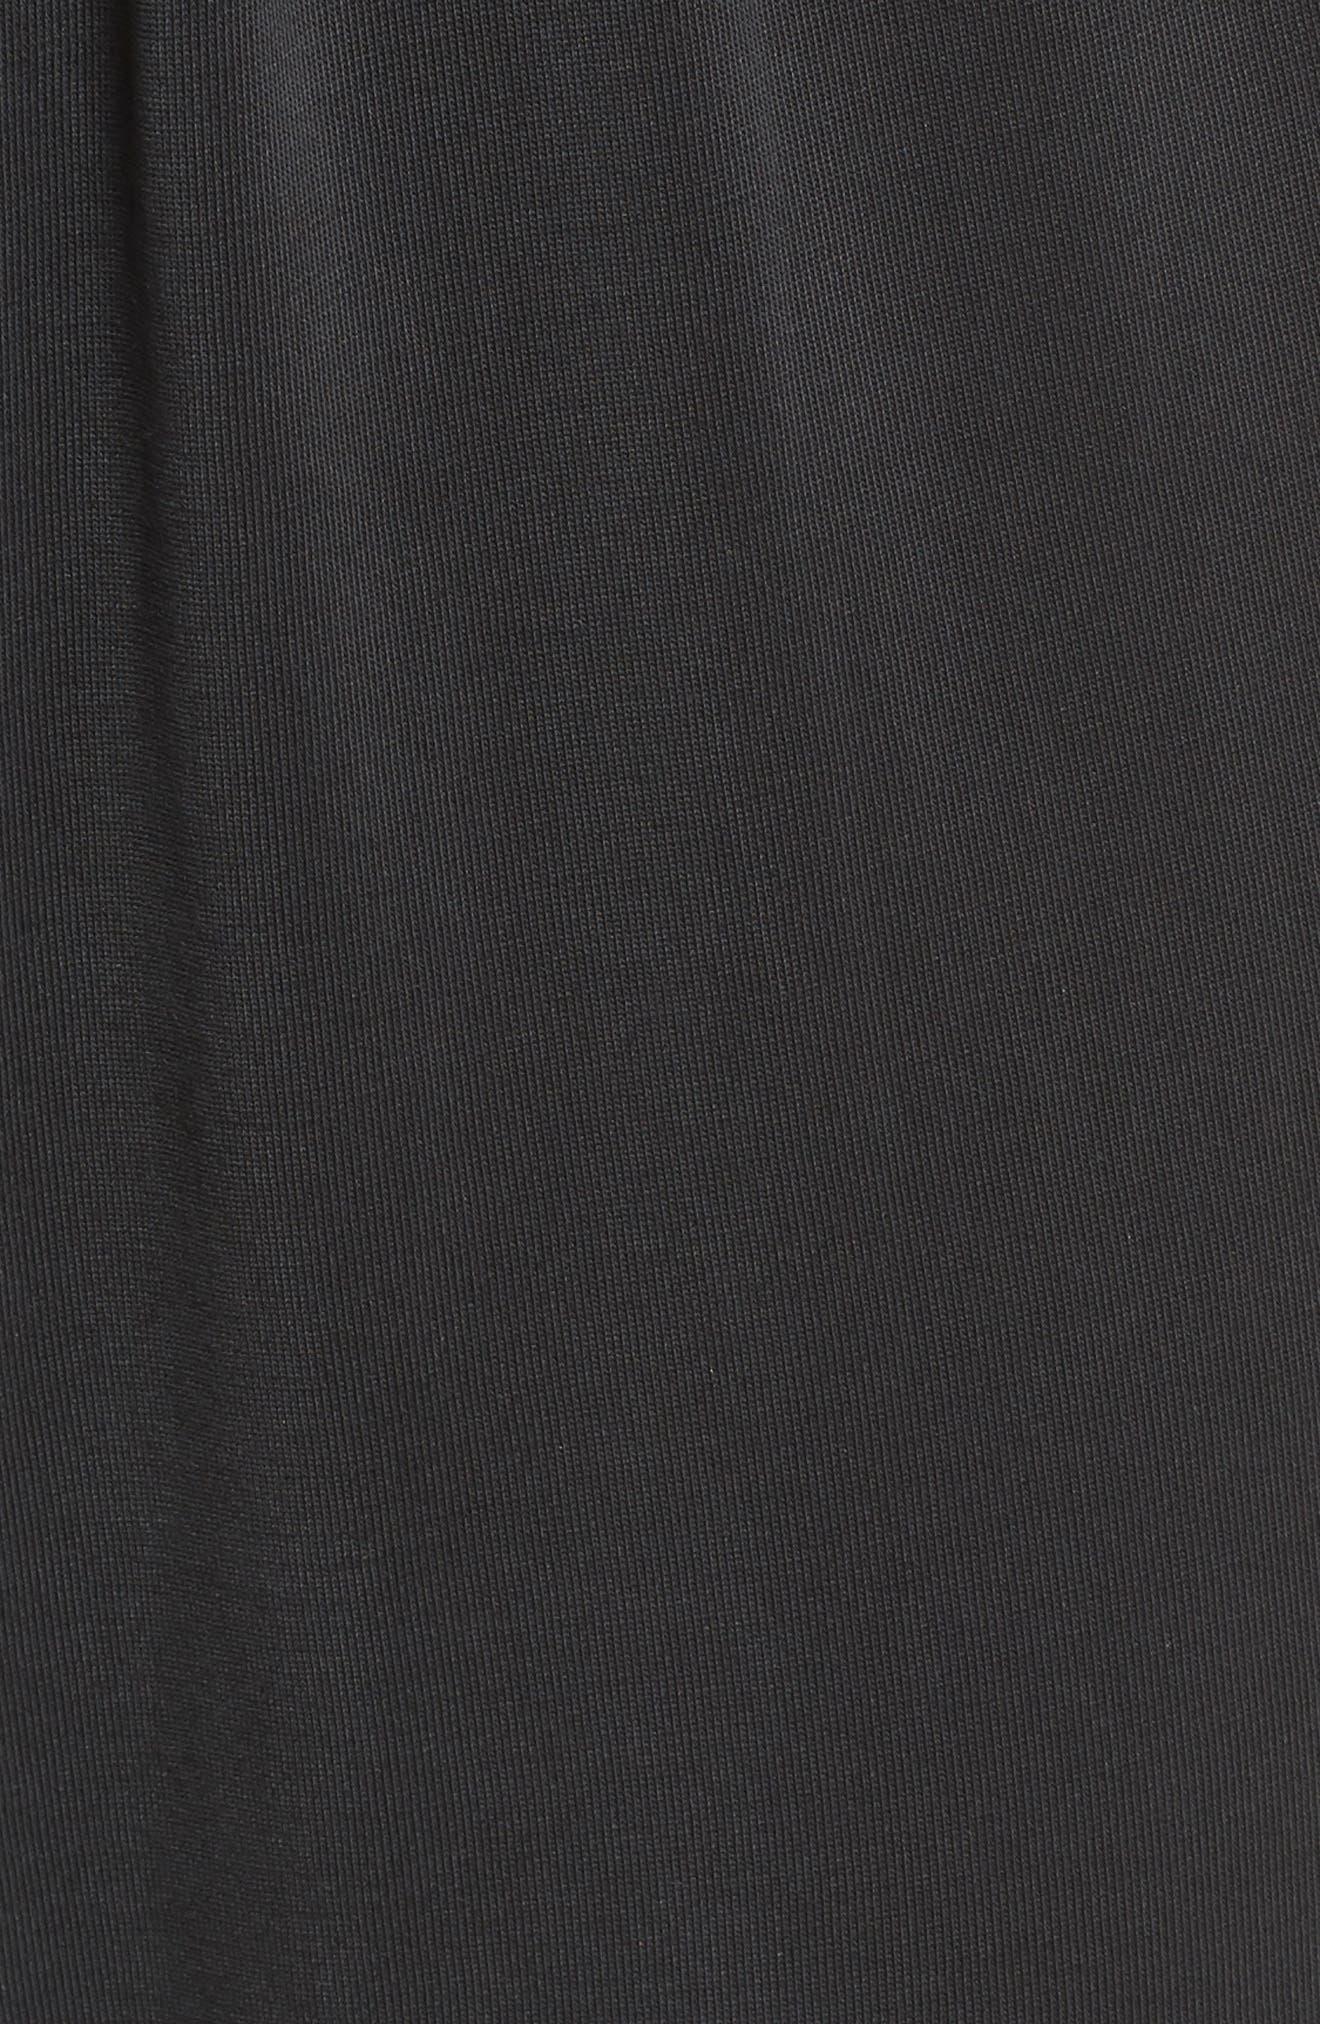 LIRA CLOTHING,                             Marni Jumpsuit,                             Alternate thumbnail 6, color,                             001